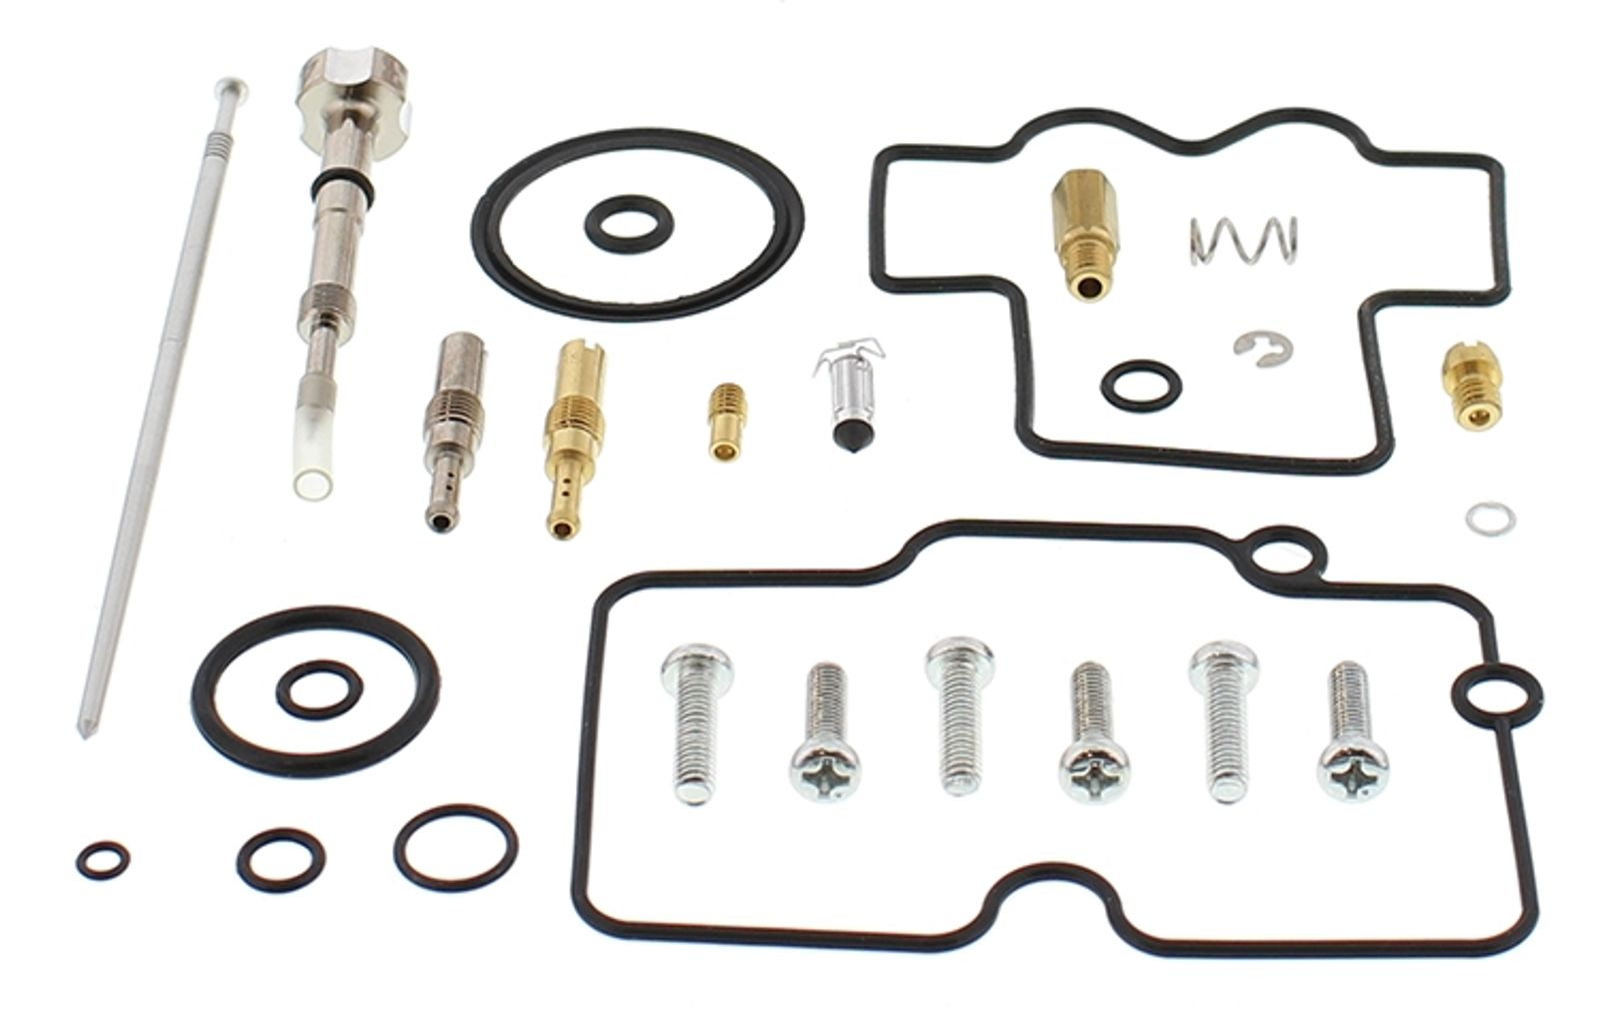 Wrp Carb Repair Kits - WRP261001 image